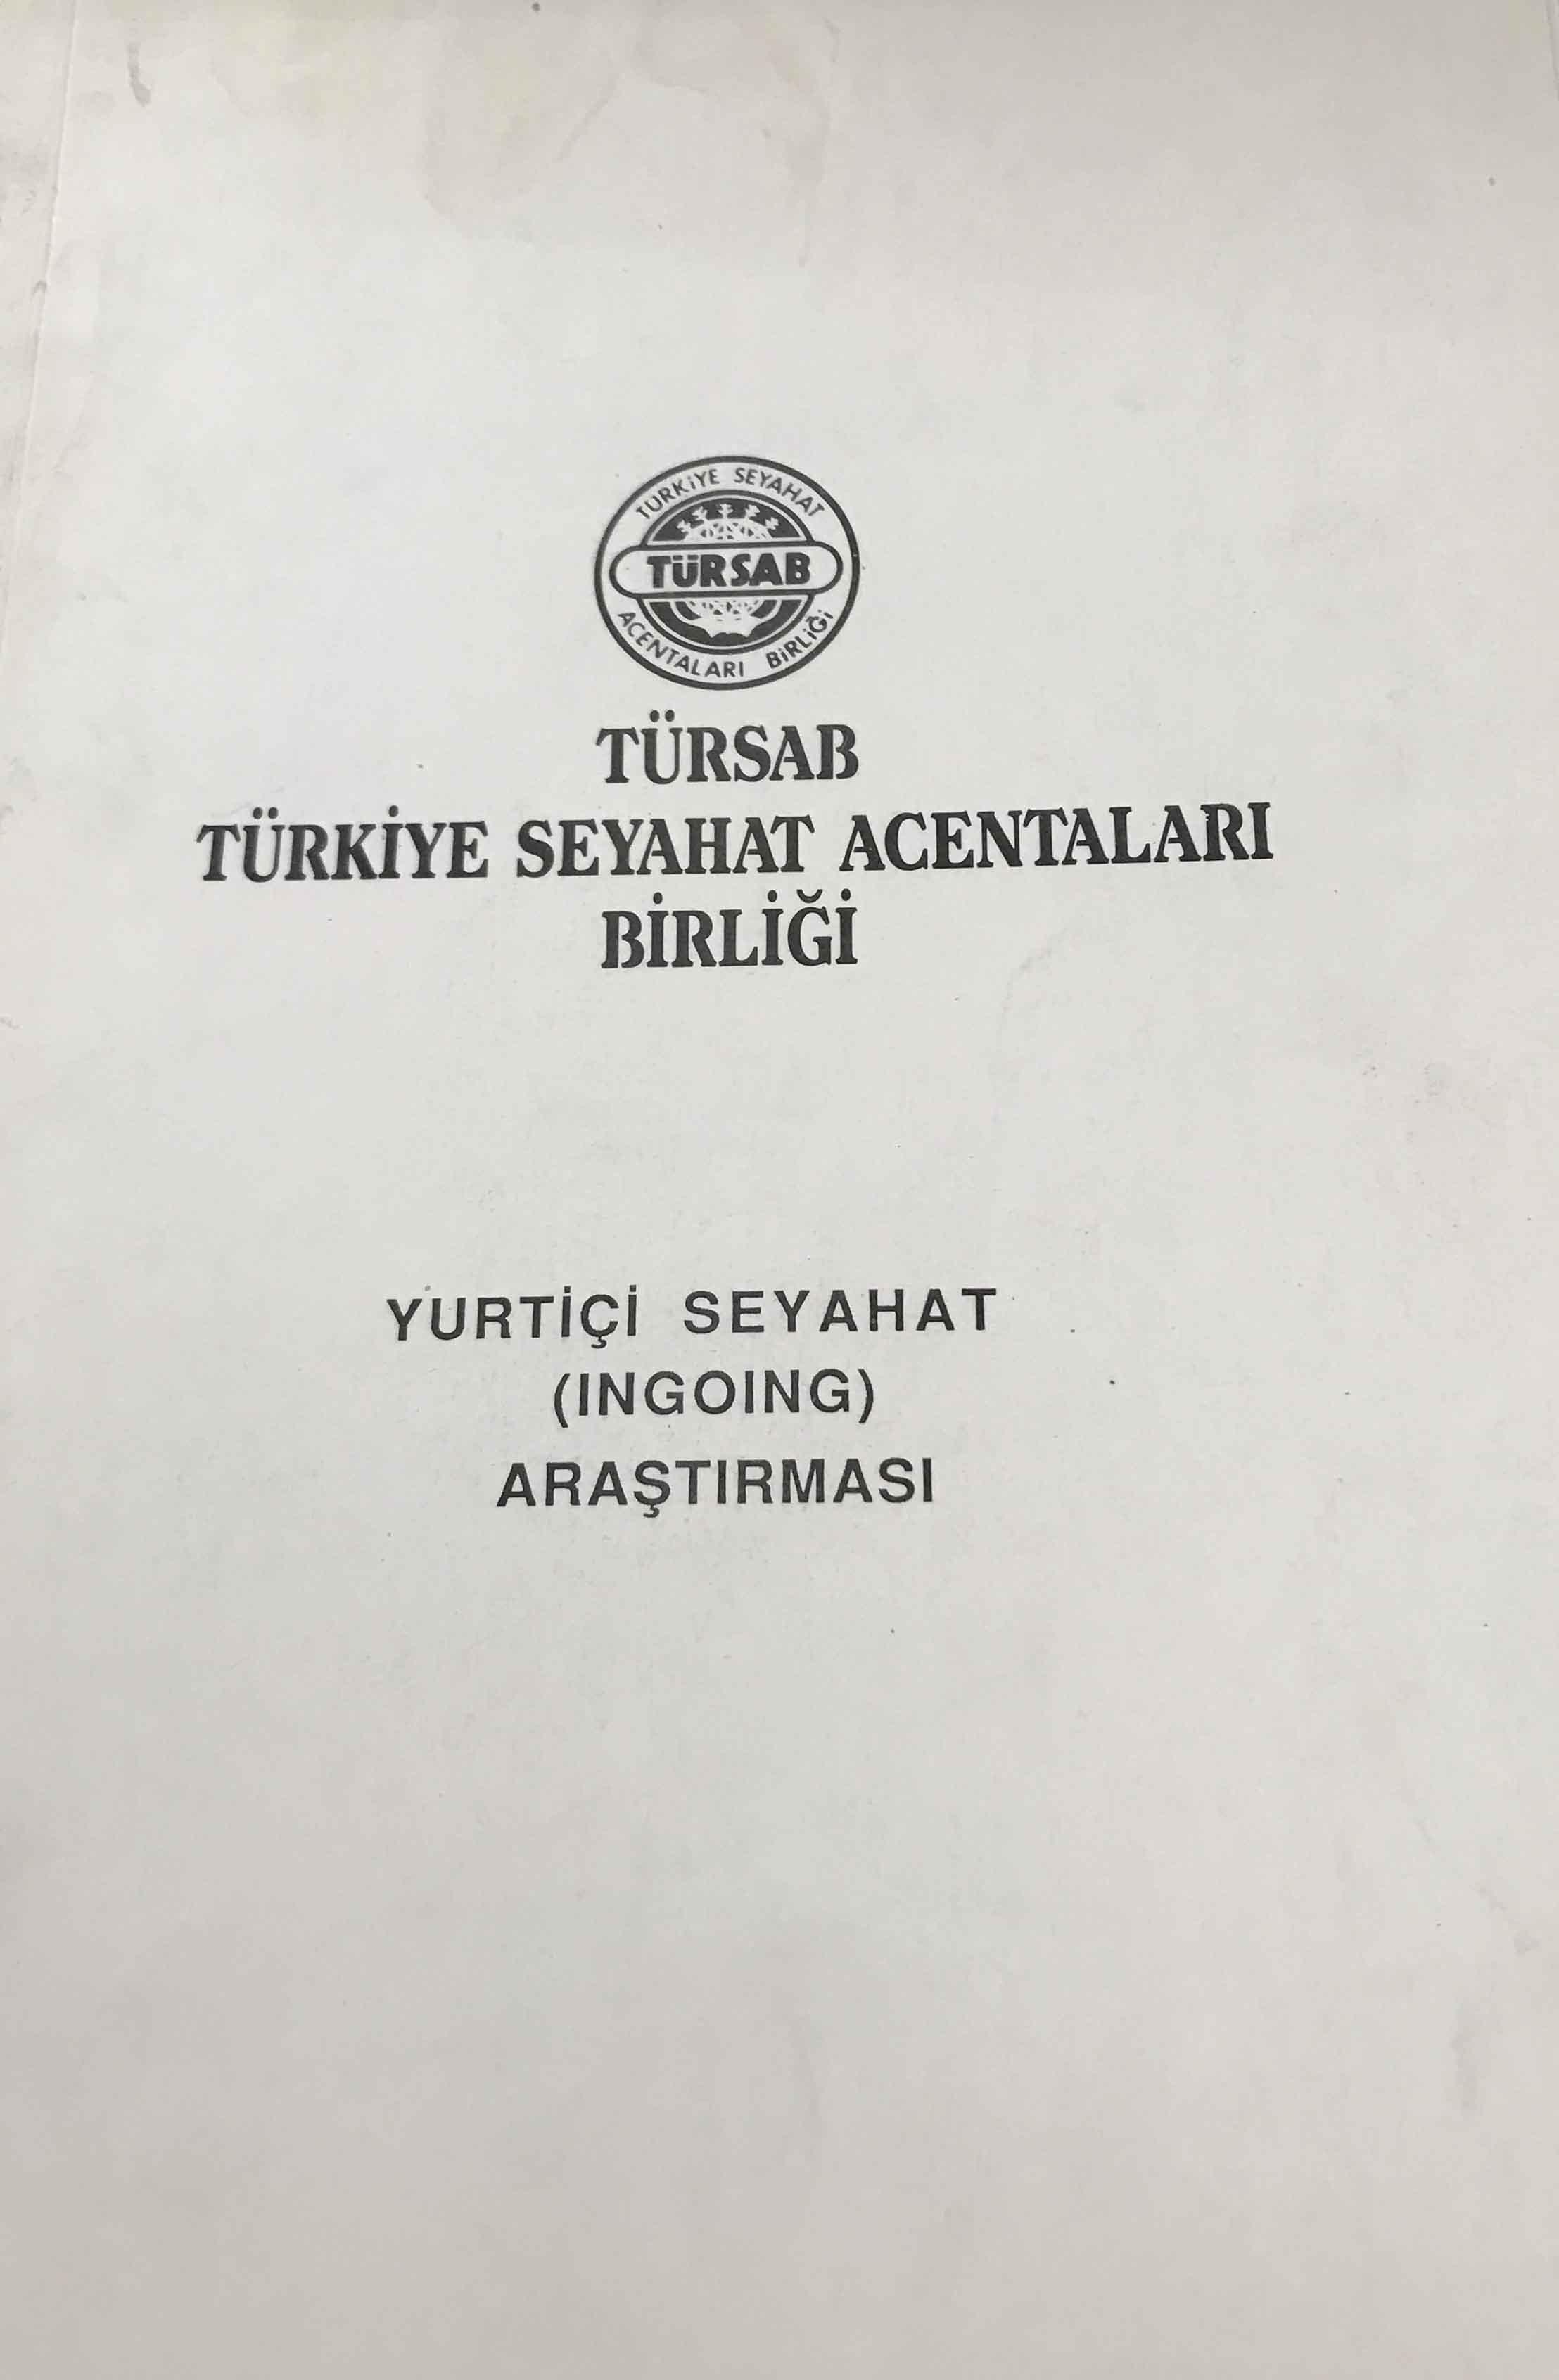 Yurtiçi Seyahat (Ingoing) Araştırması Kitap Kapağı